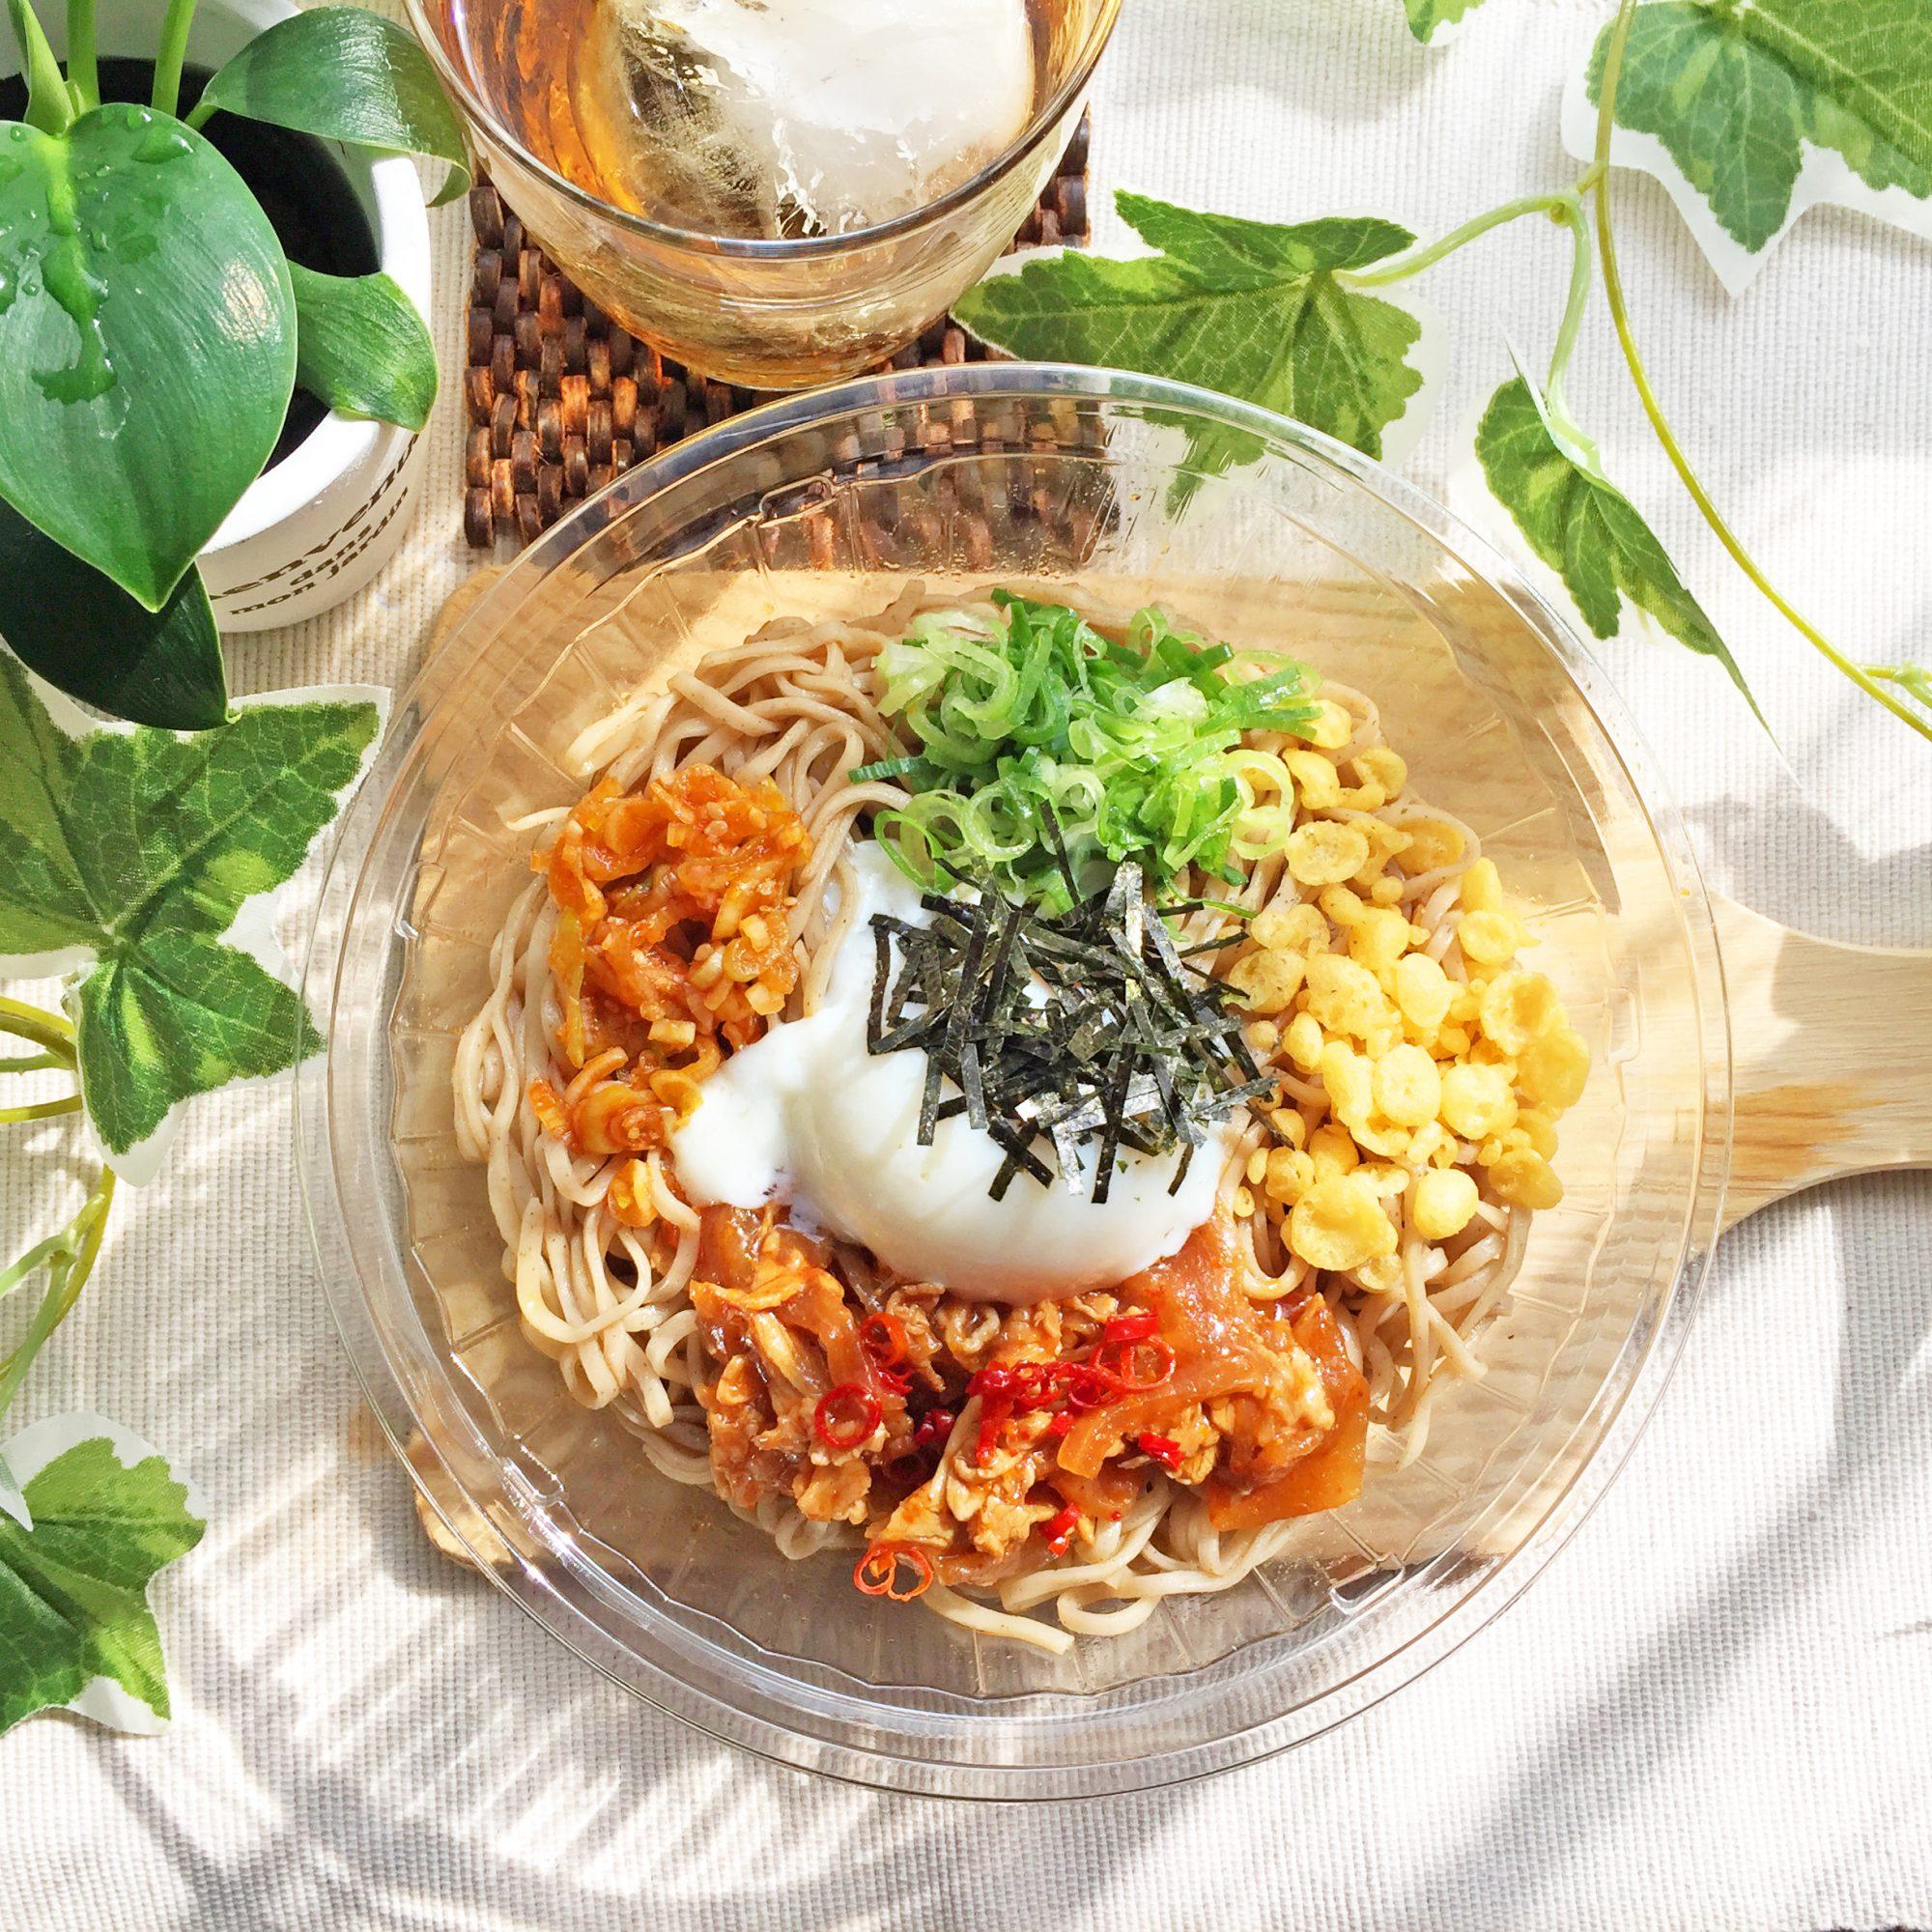 ファミリーマート『冷しピリ辛肉そば』は辣油と唐辛子の旨辛さと山椒の個性が光る、ダイエット中にもオススメな創作そば!